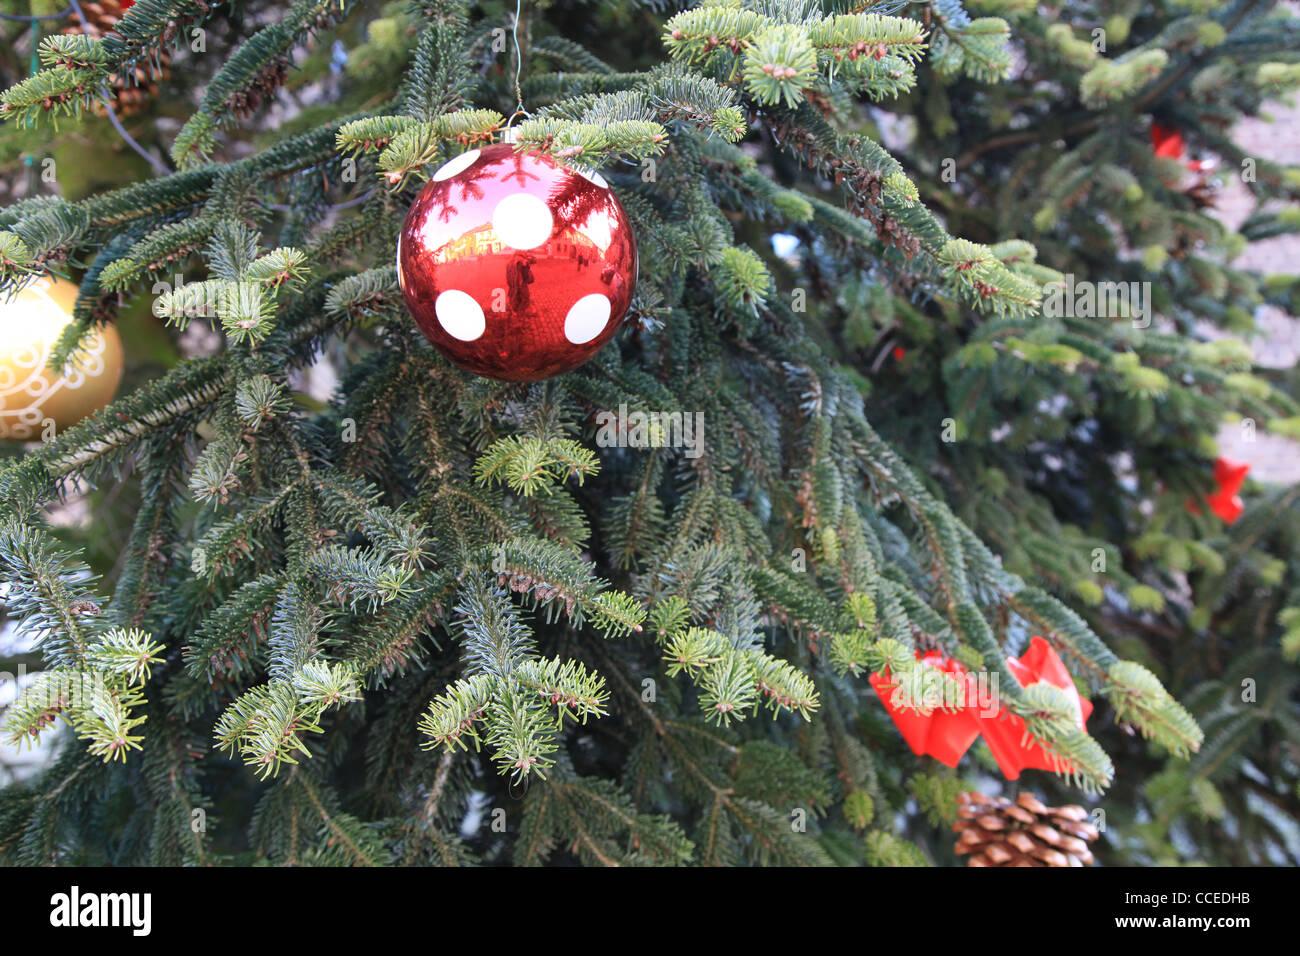 Weihnachtsbaum Tannenzapfen Tanne Kegel Tannenzapfen